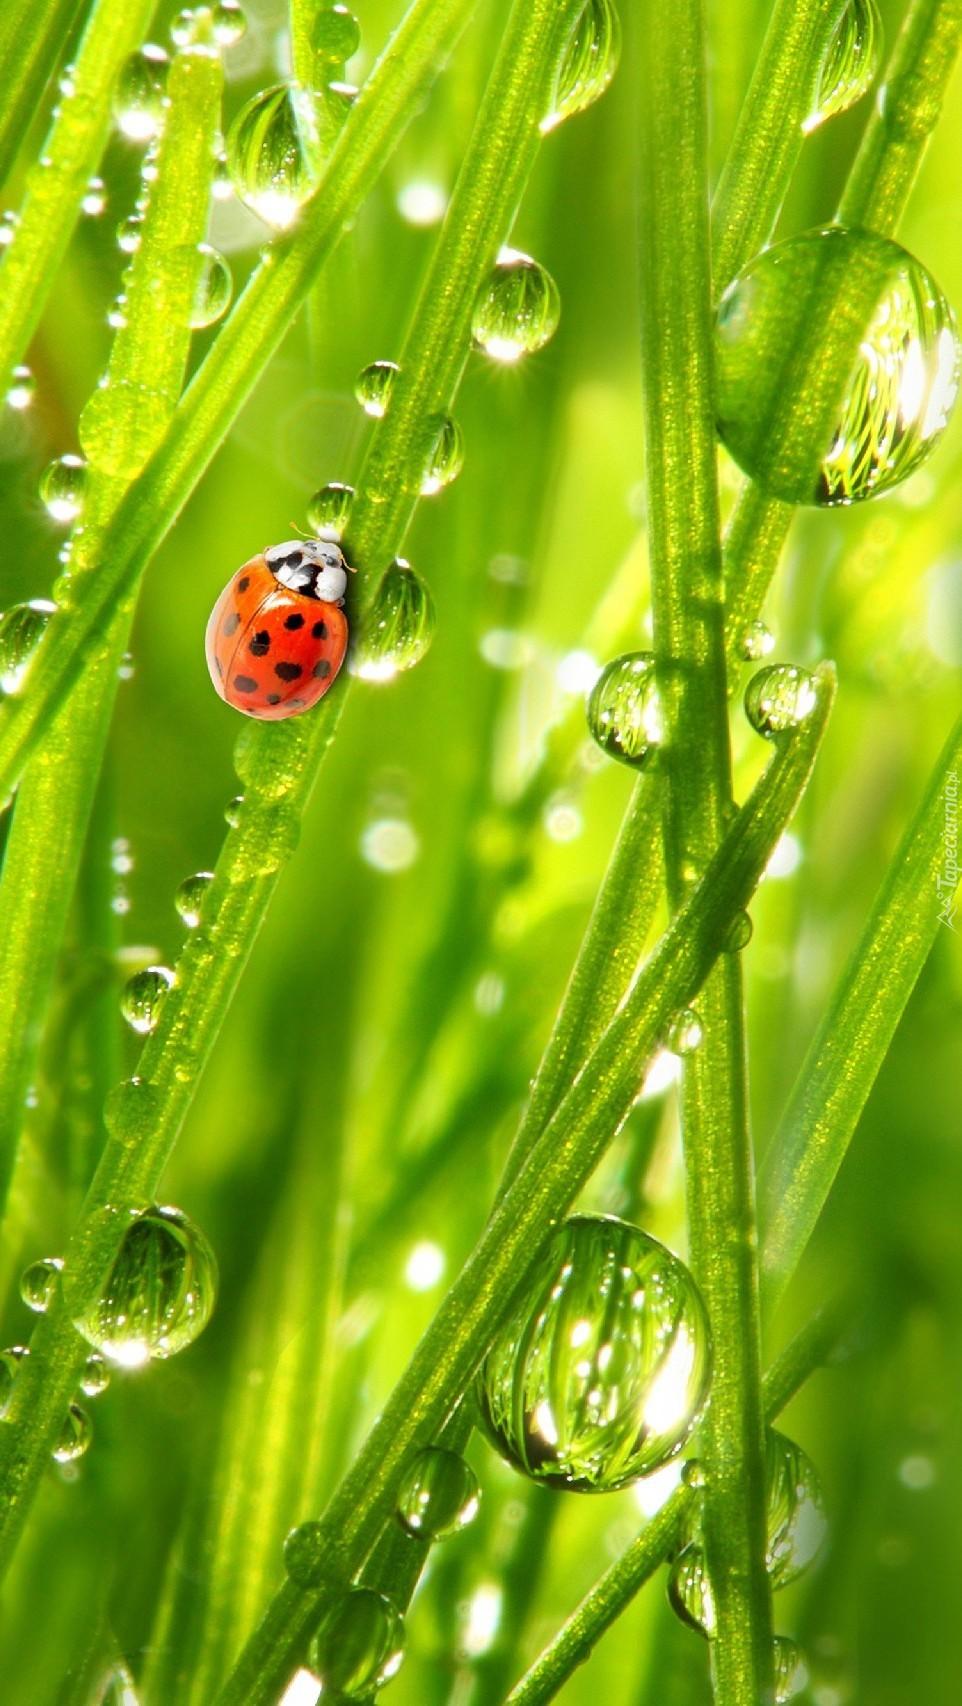 Biedronka na trawie w kroplach wody